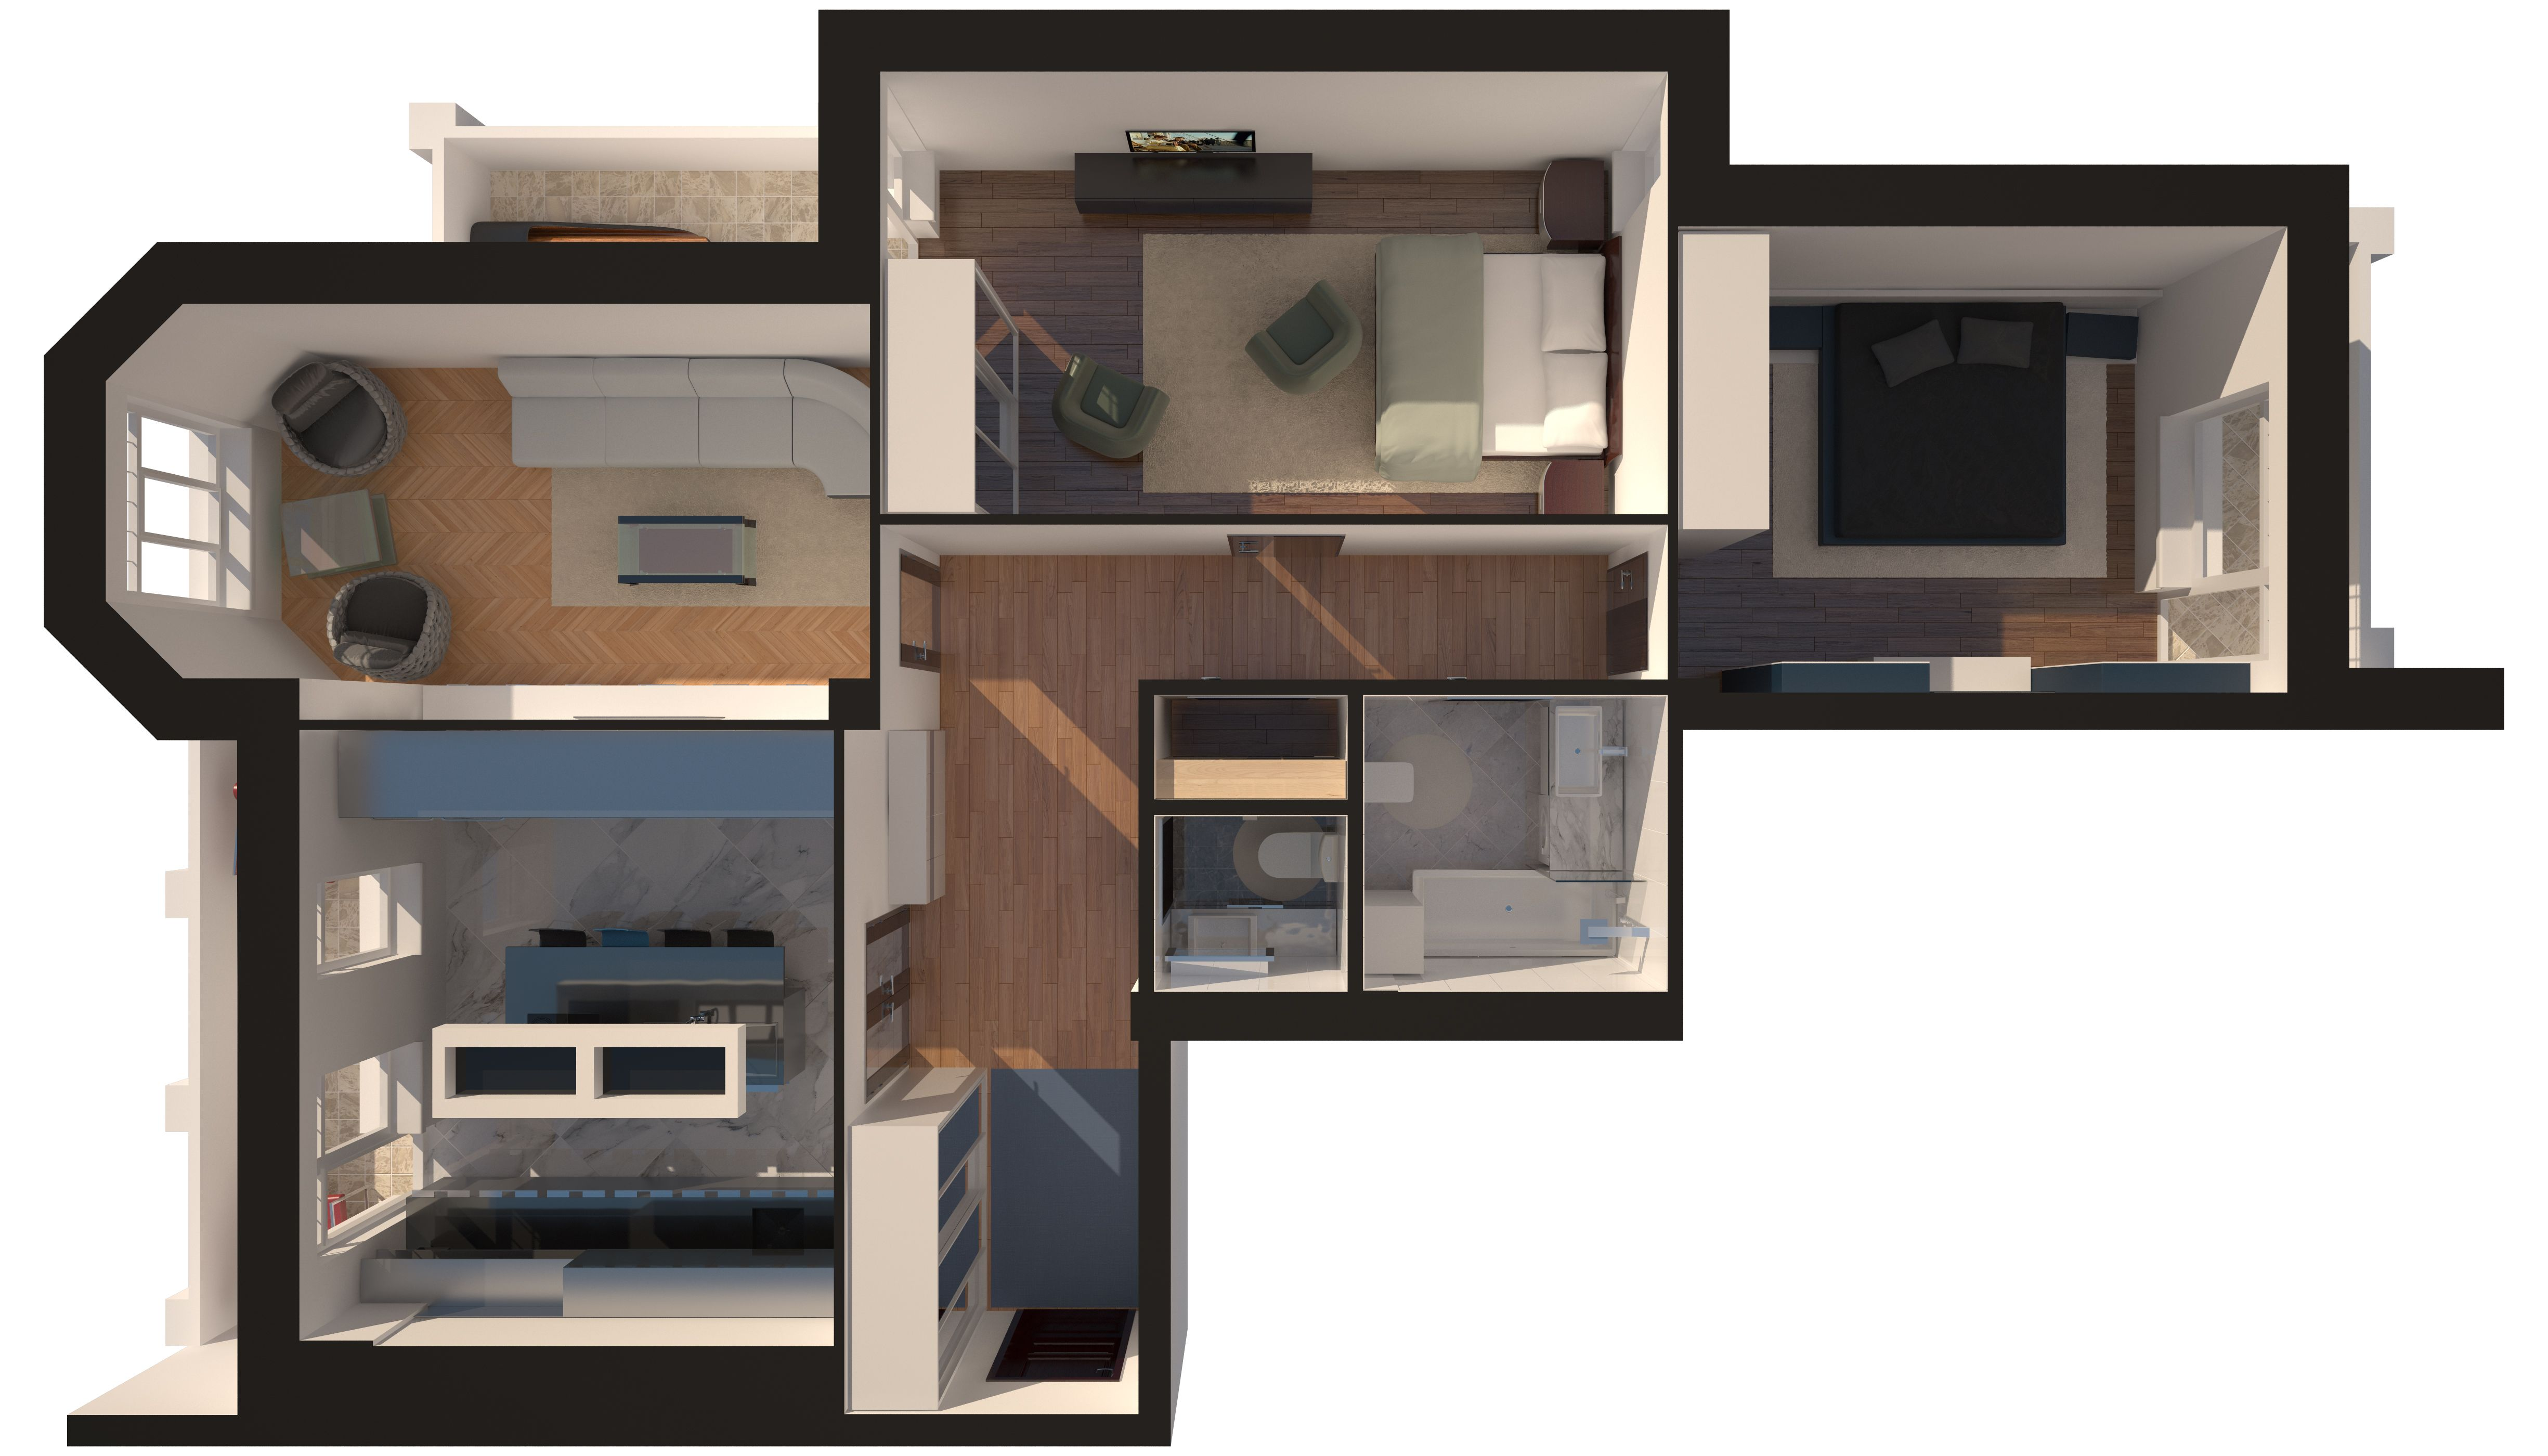 Трехкомнатная - Зеленый Мыс Английский дом 4$93413Площадь:111.93m²